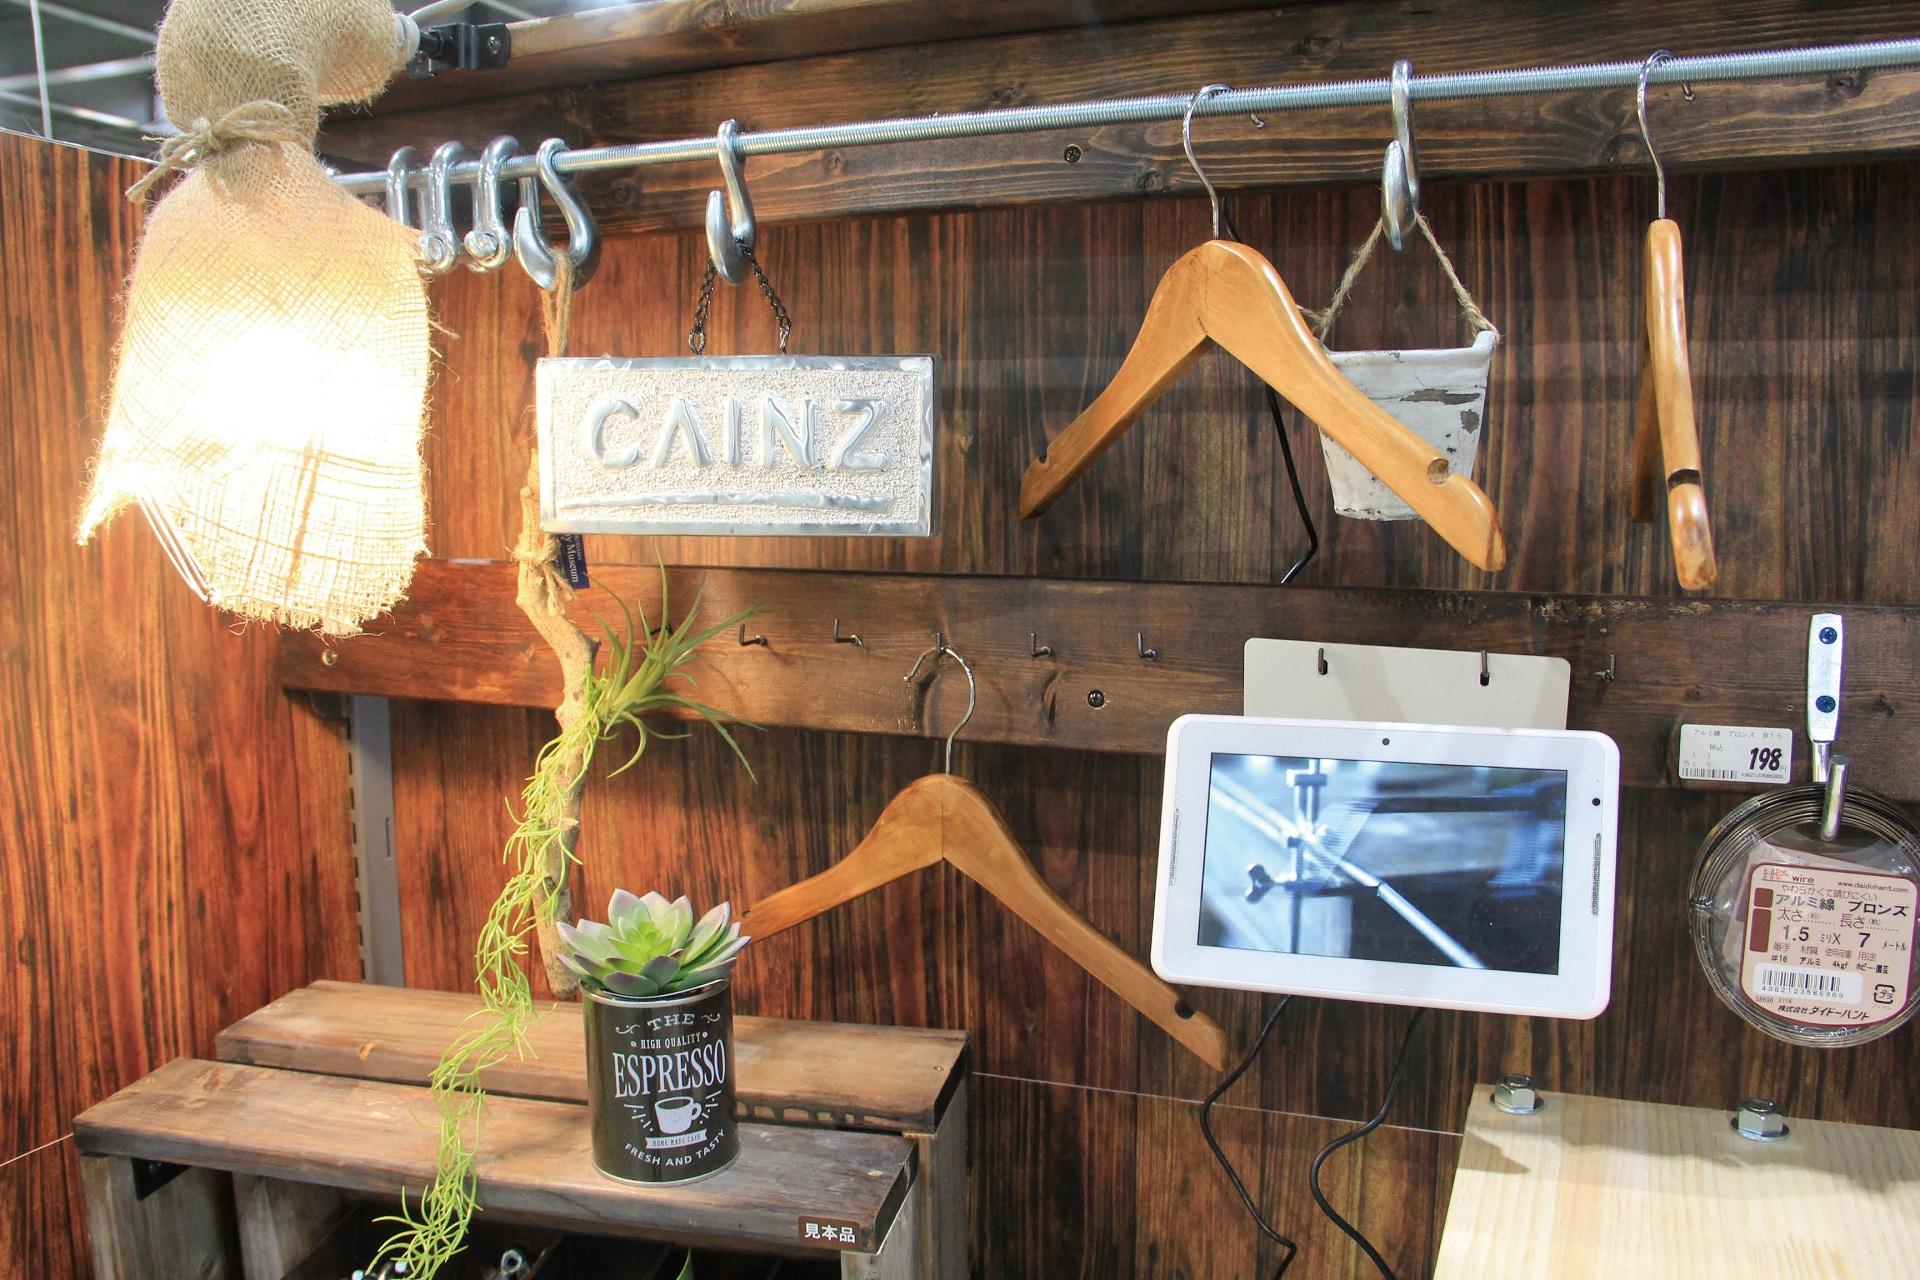 カインズでは店頭で動画を配信するために小型モニターを設置している。